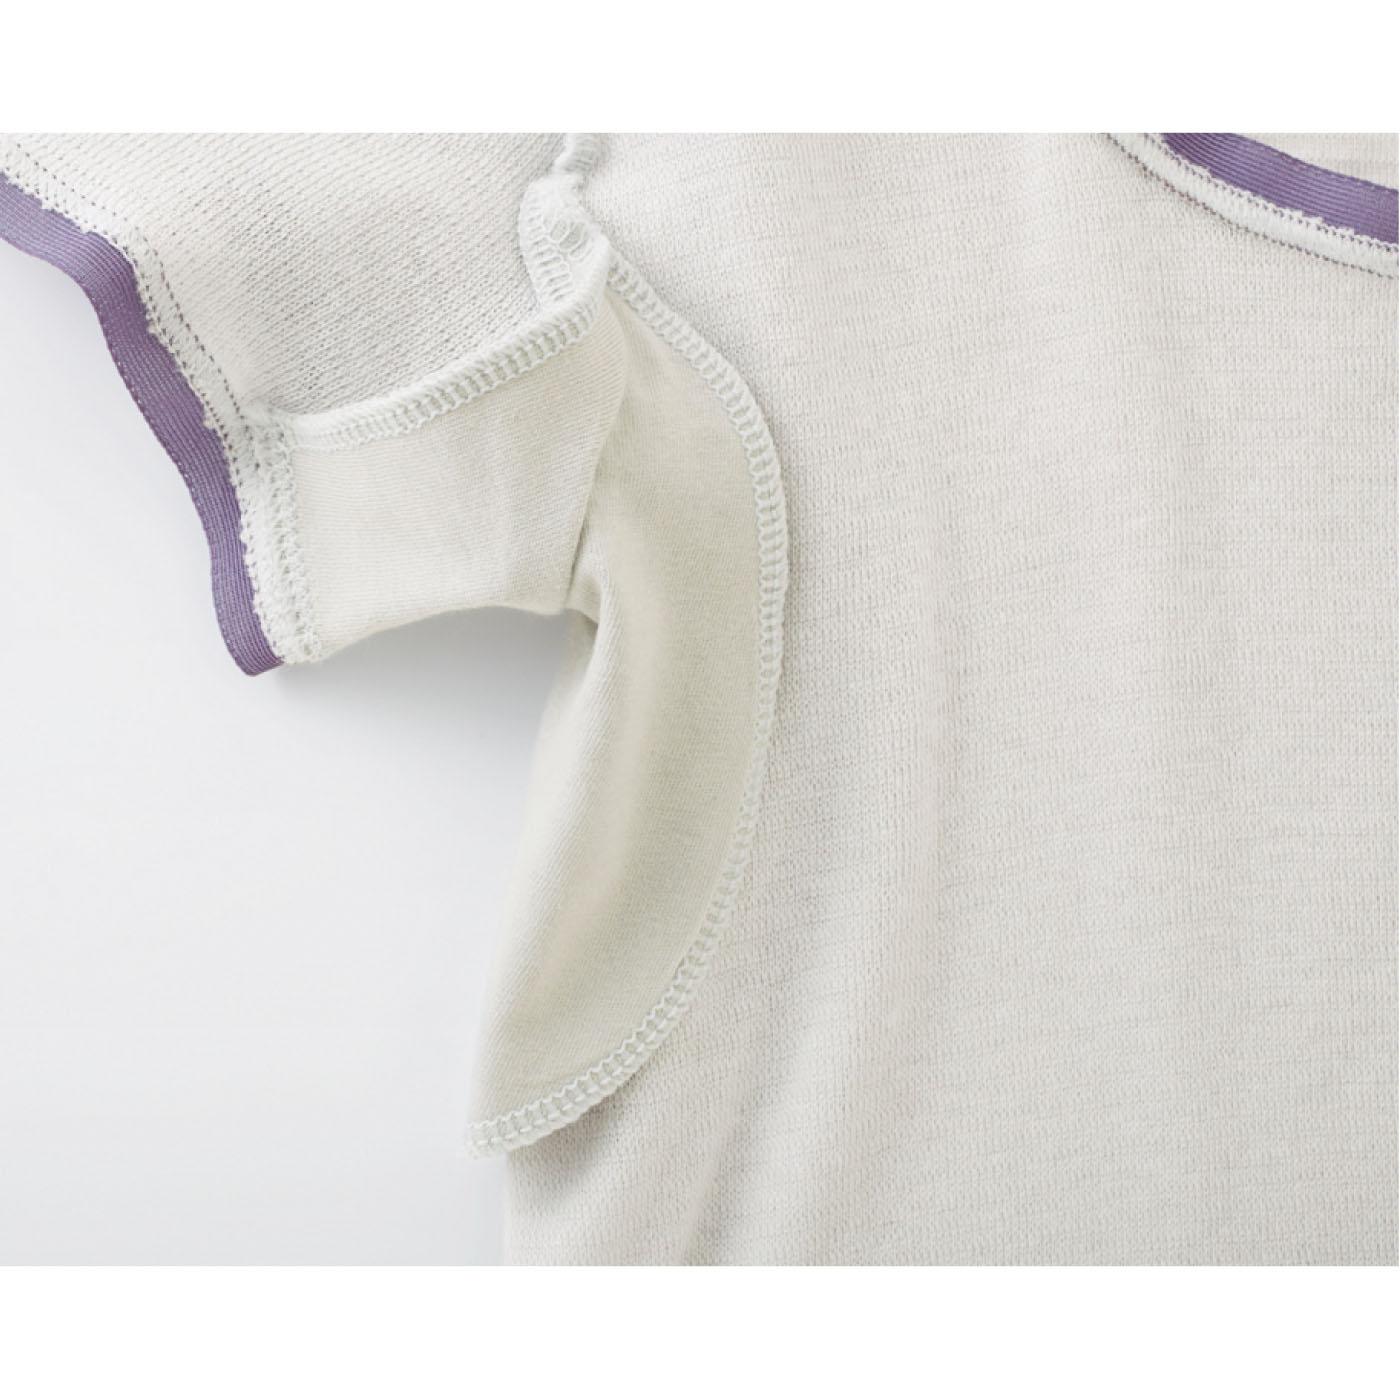 汗をかいても安心な大きめのわきパッド。外から見えにくい縫製で仕上げました。